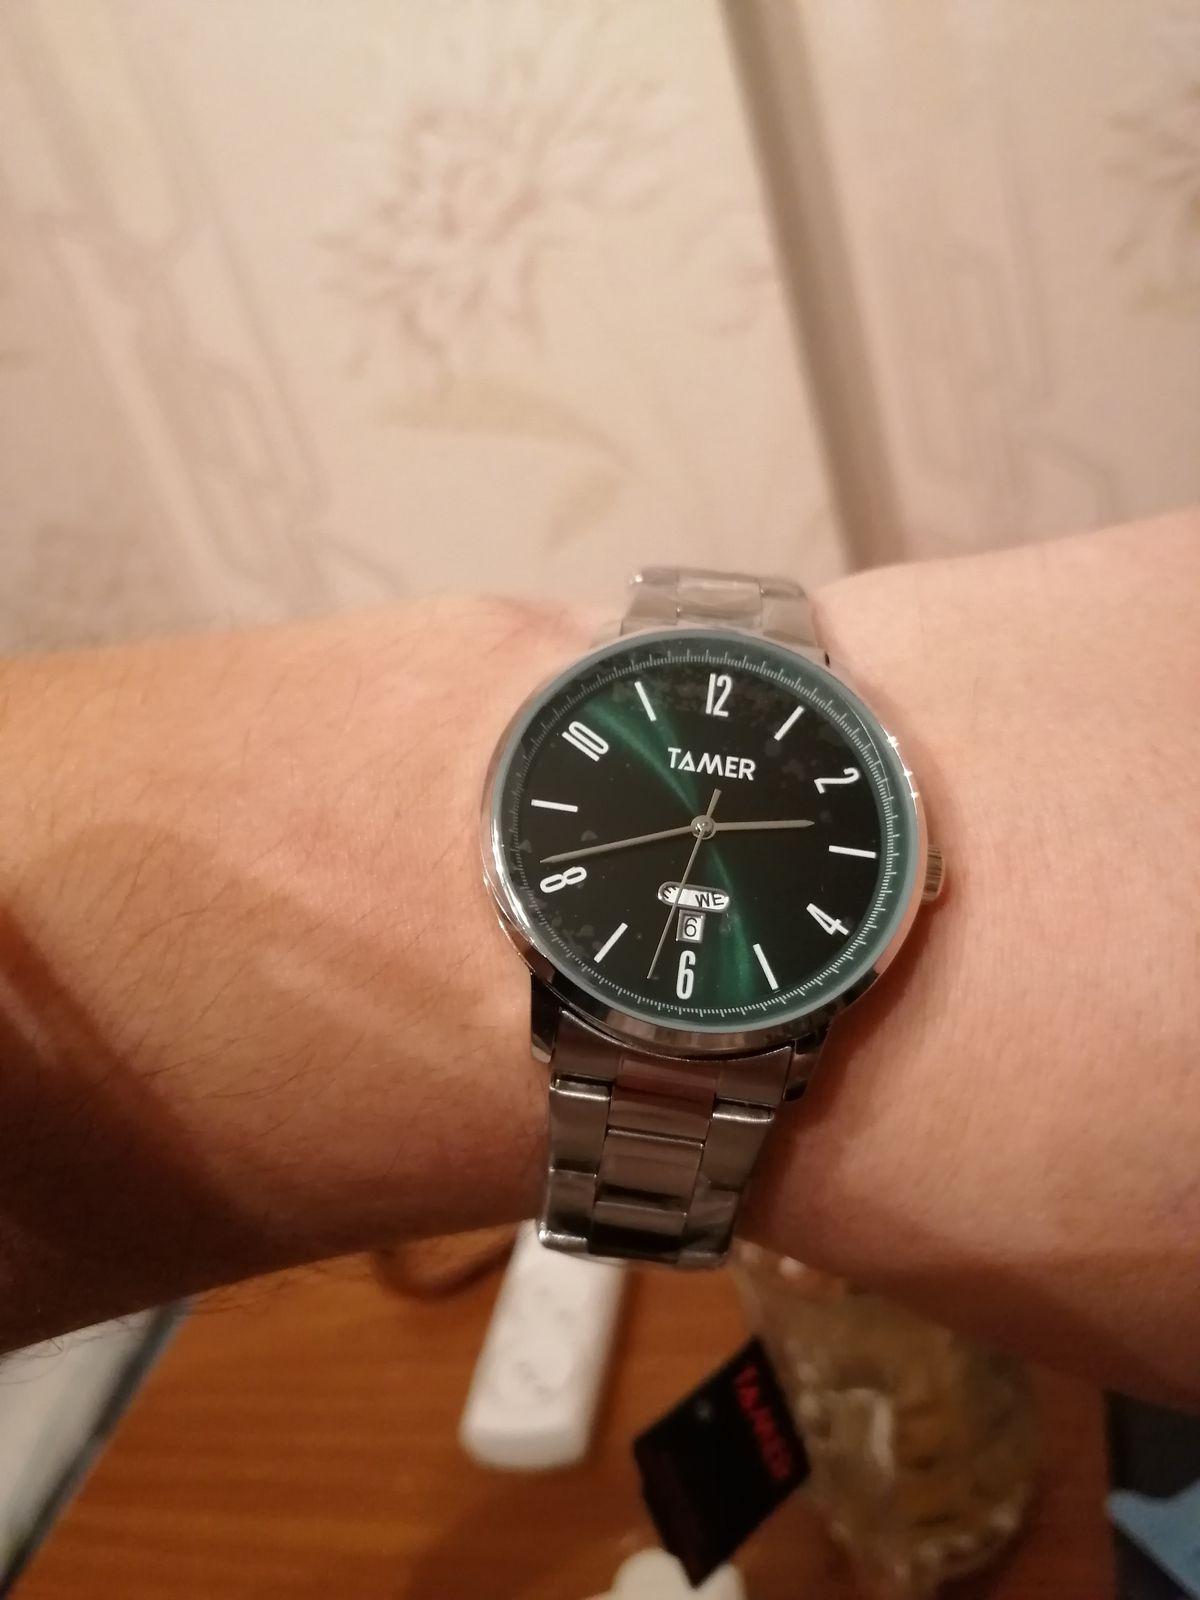 Замечательные часы, спасибо большое продавцу, смотрятся дорого)))